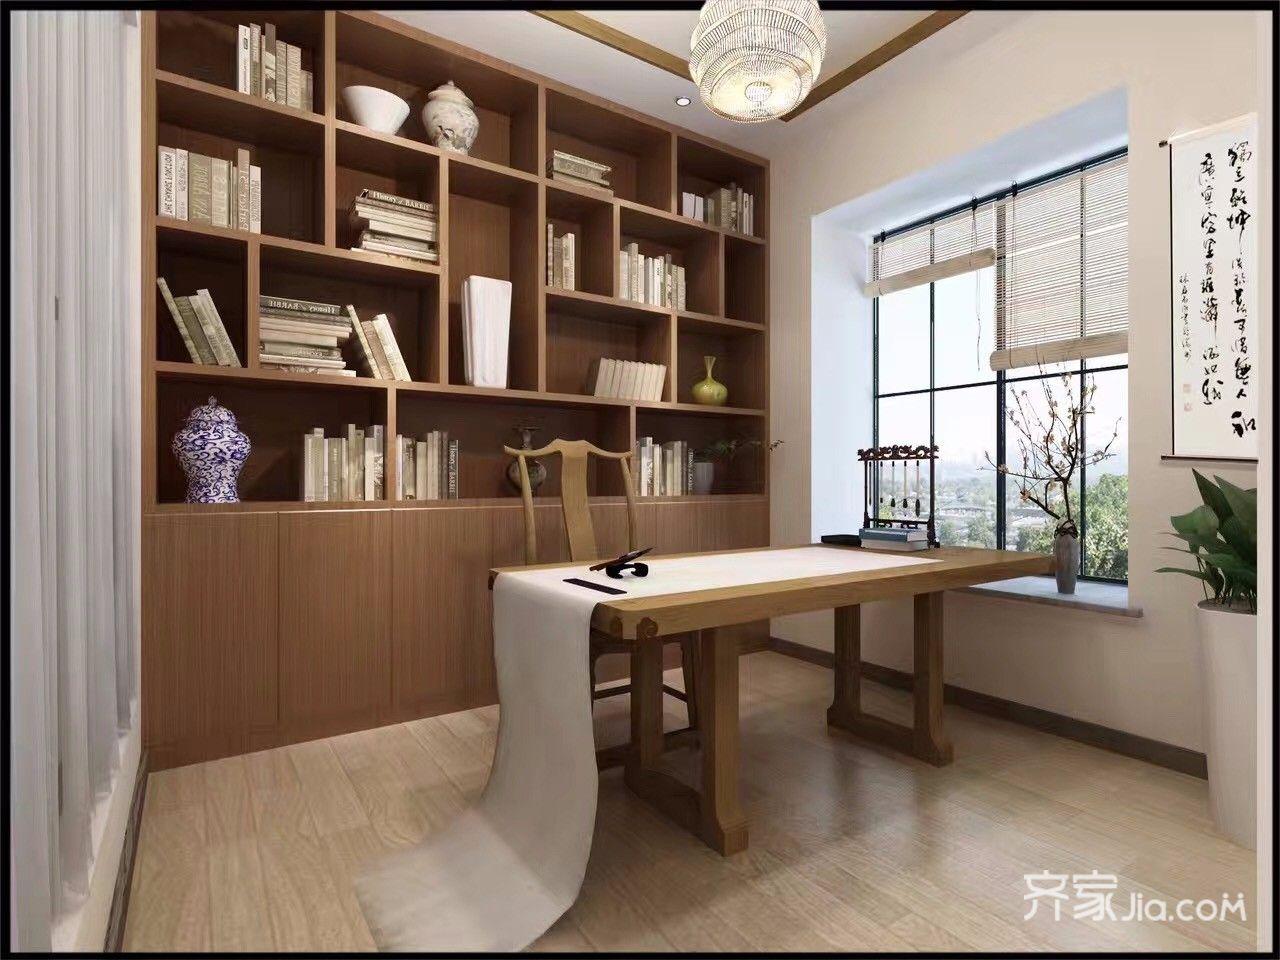 115平简约三居室书房装修效果图